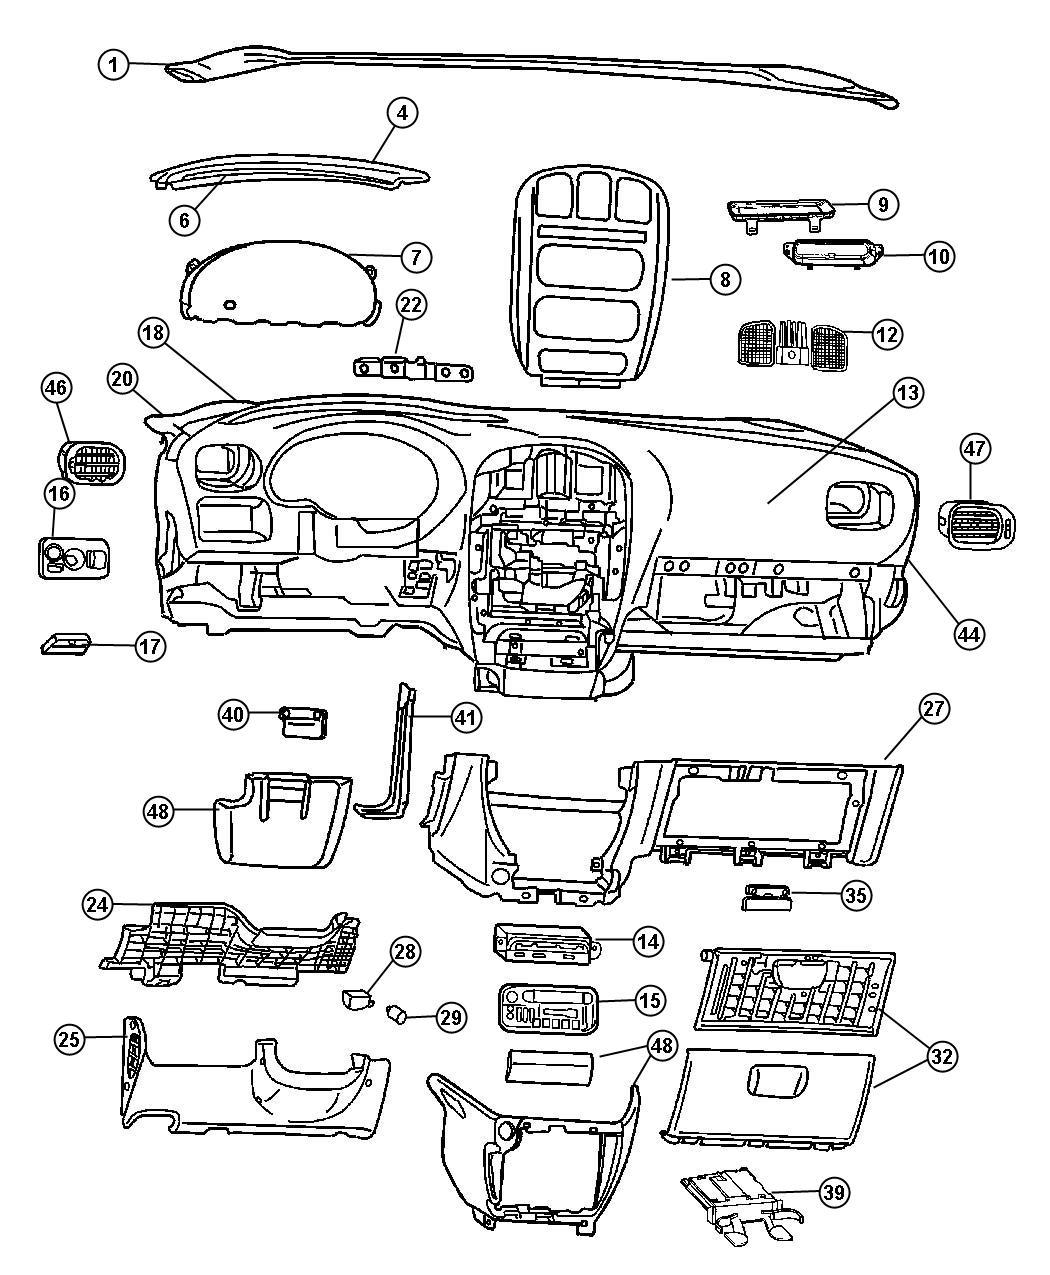 2001 Chrysler Voyager Bezel. Instrument panel. [l5] plug